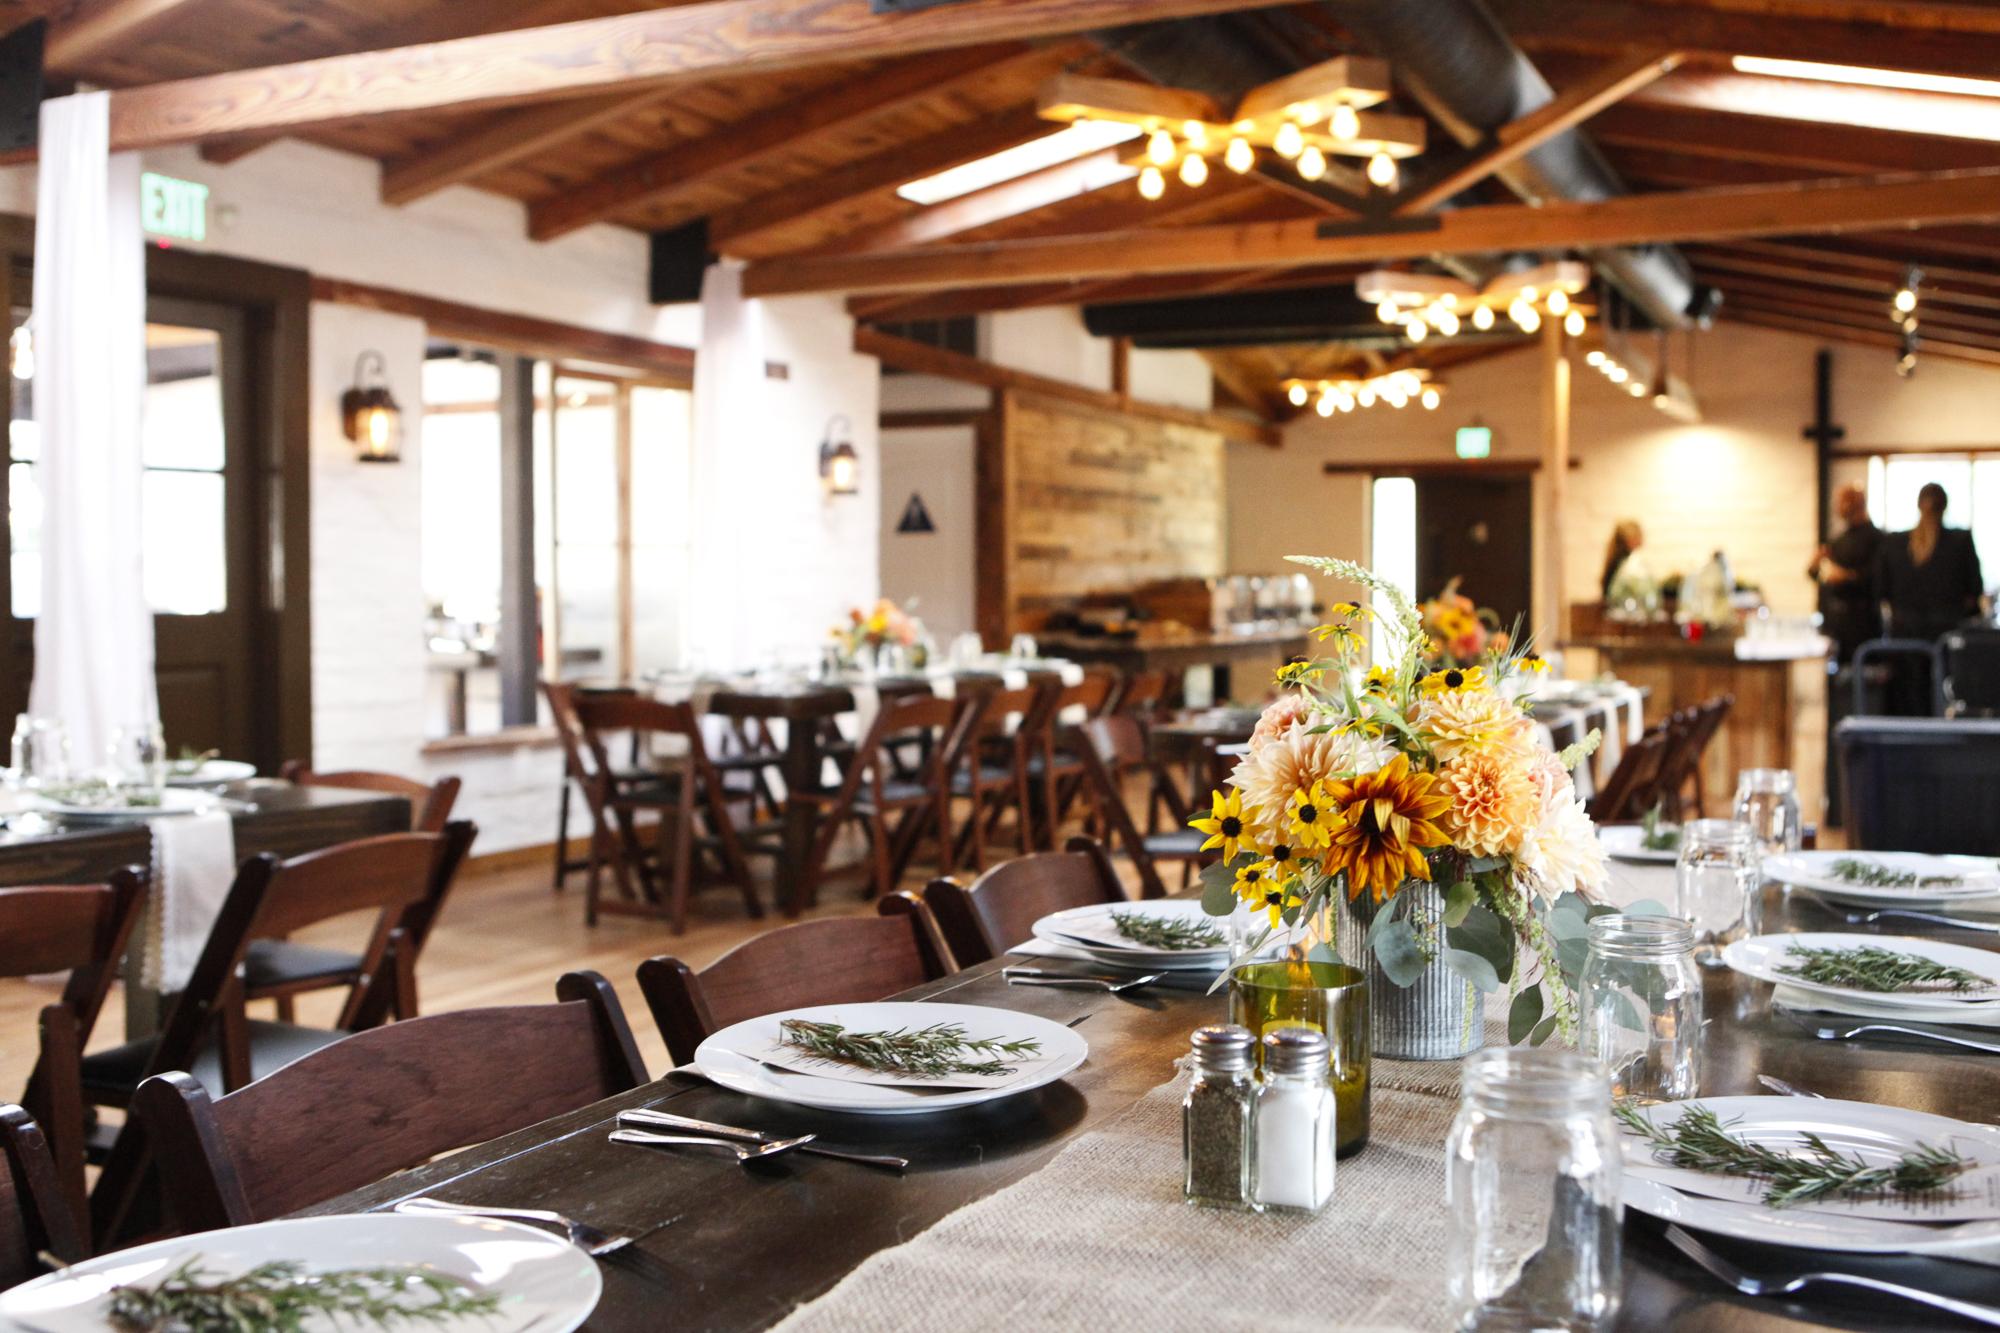 KS Dining Room 5.jpg